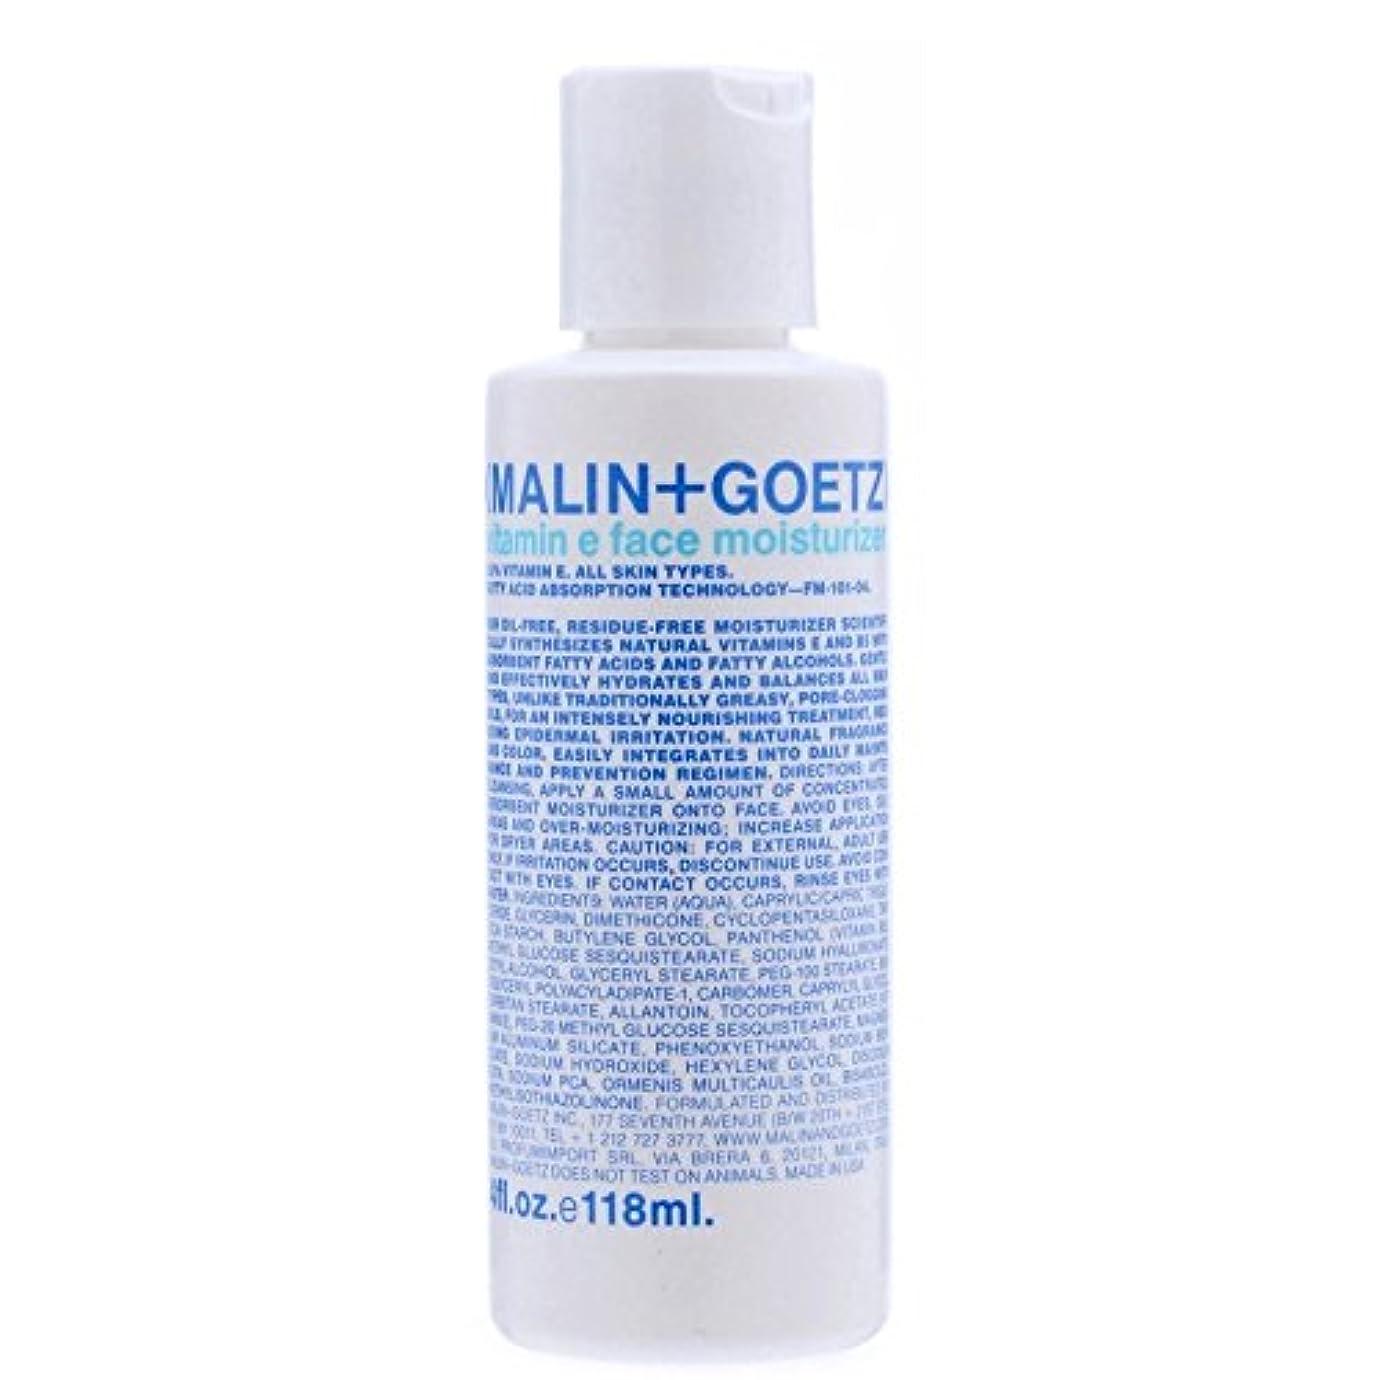 中性謝罪するランクMALIN+GOETZ Vitamin E Face Moisturiser - マリン+ゲッツビタミンの顔の保湿剤 [並行輸入品]